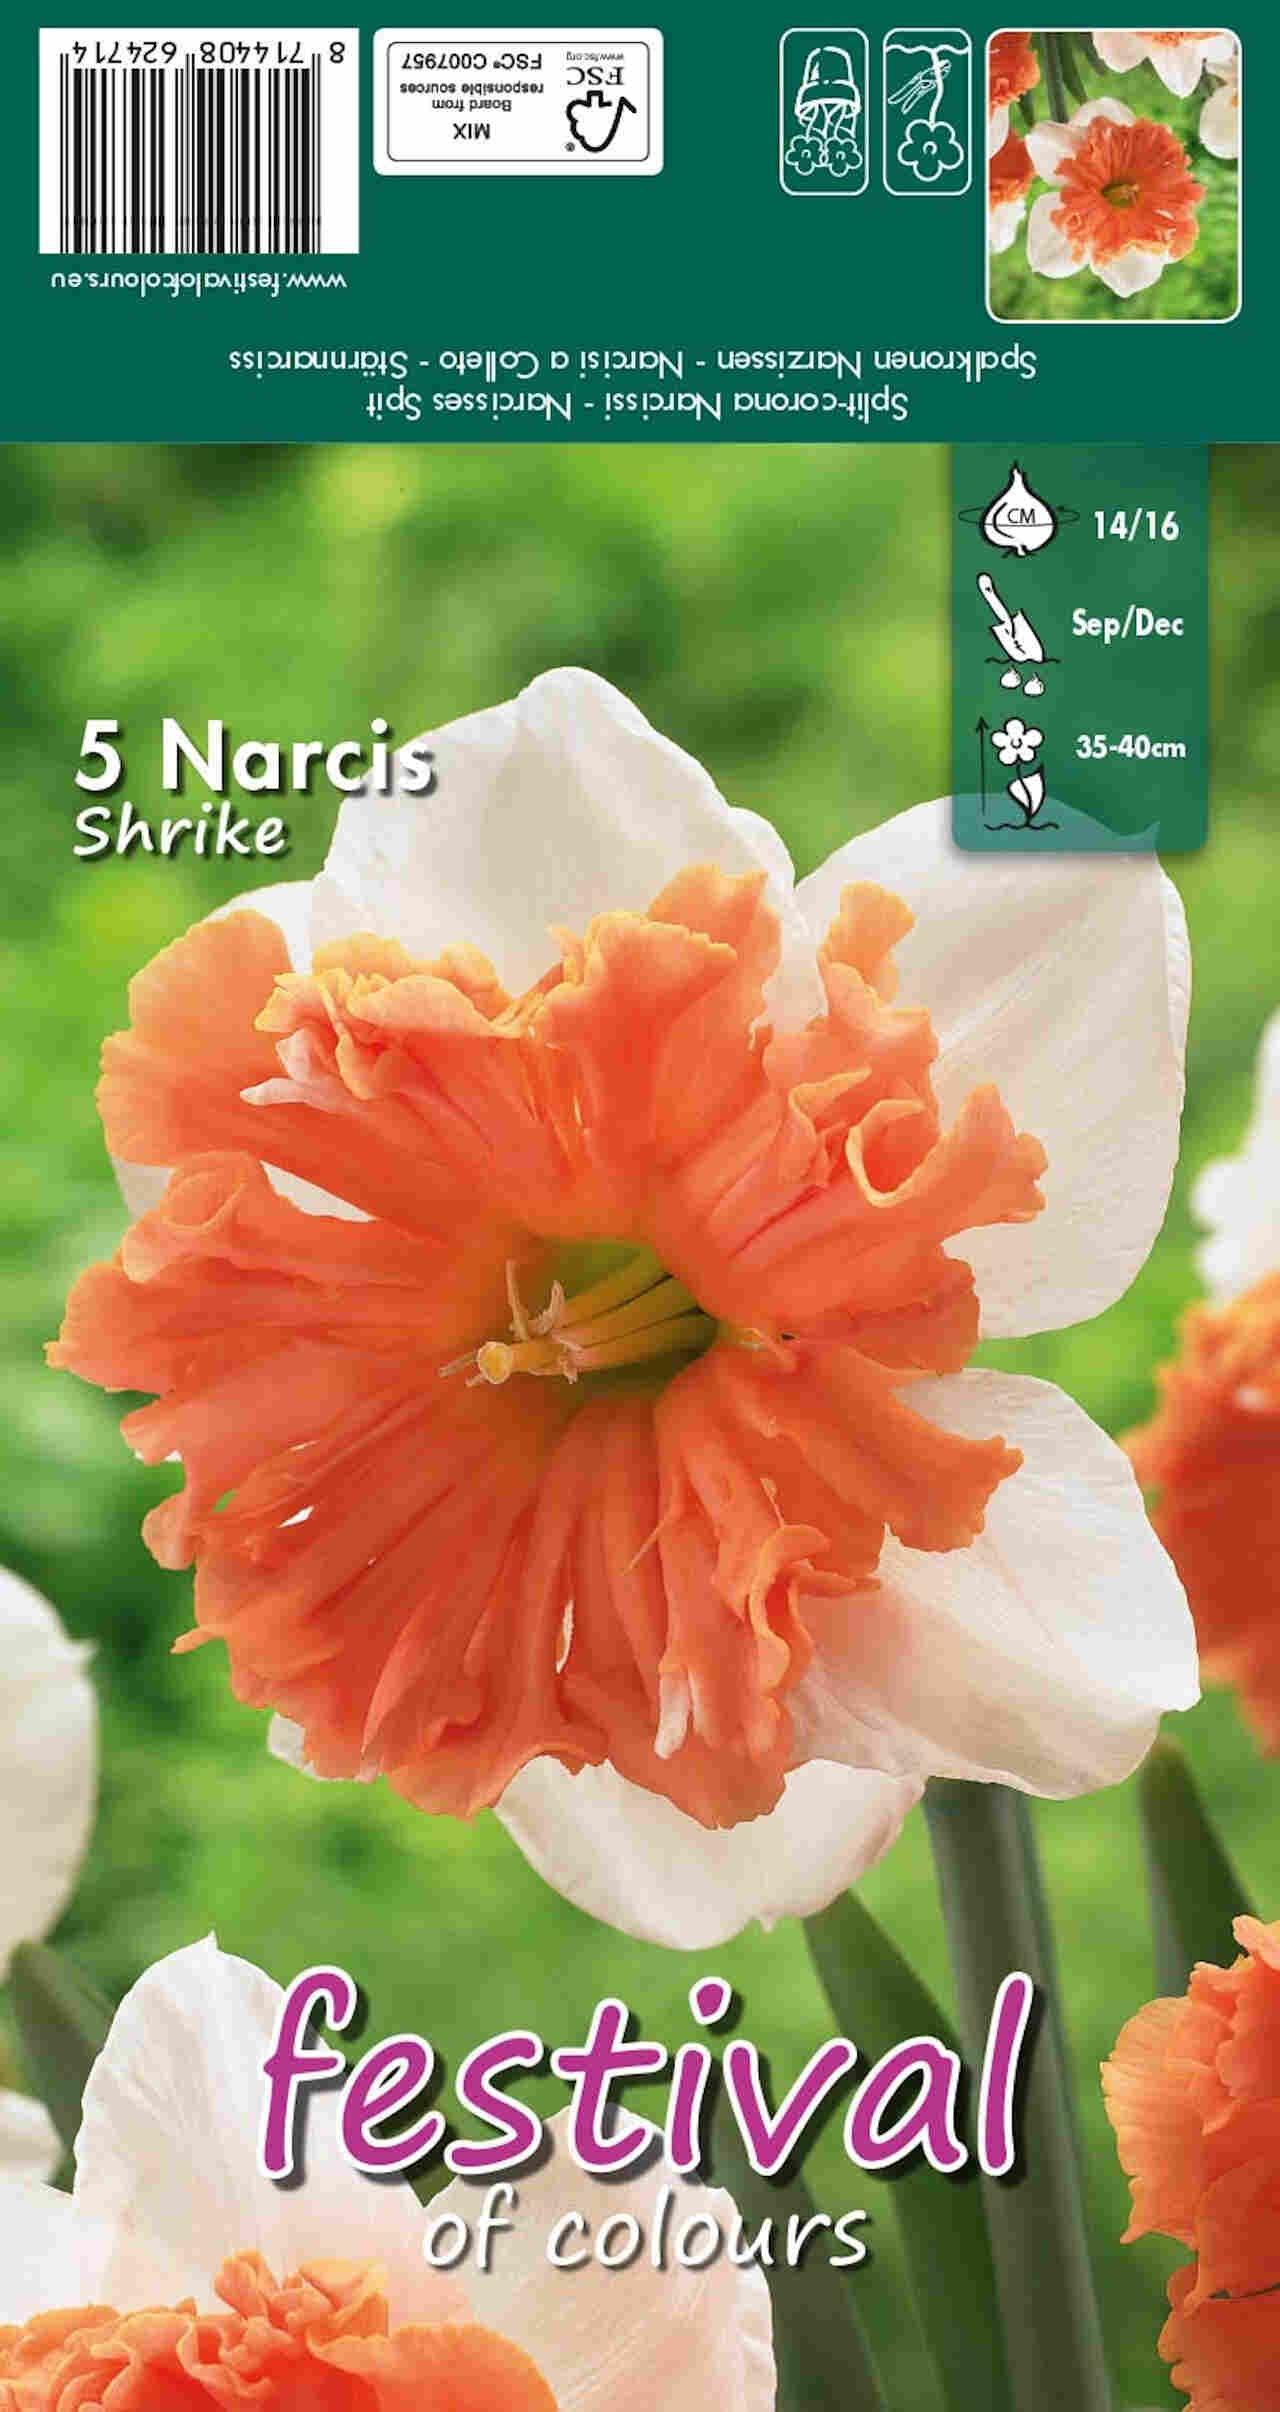 Påskeliljeløg - Narcissus Shrike 14/16